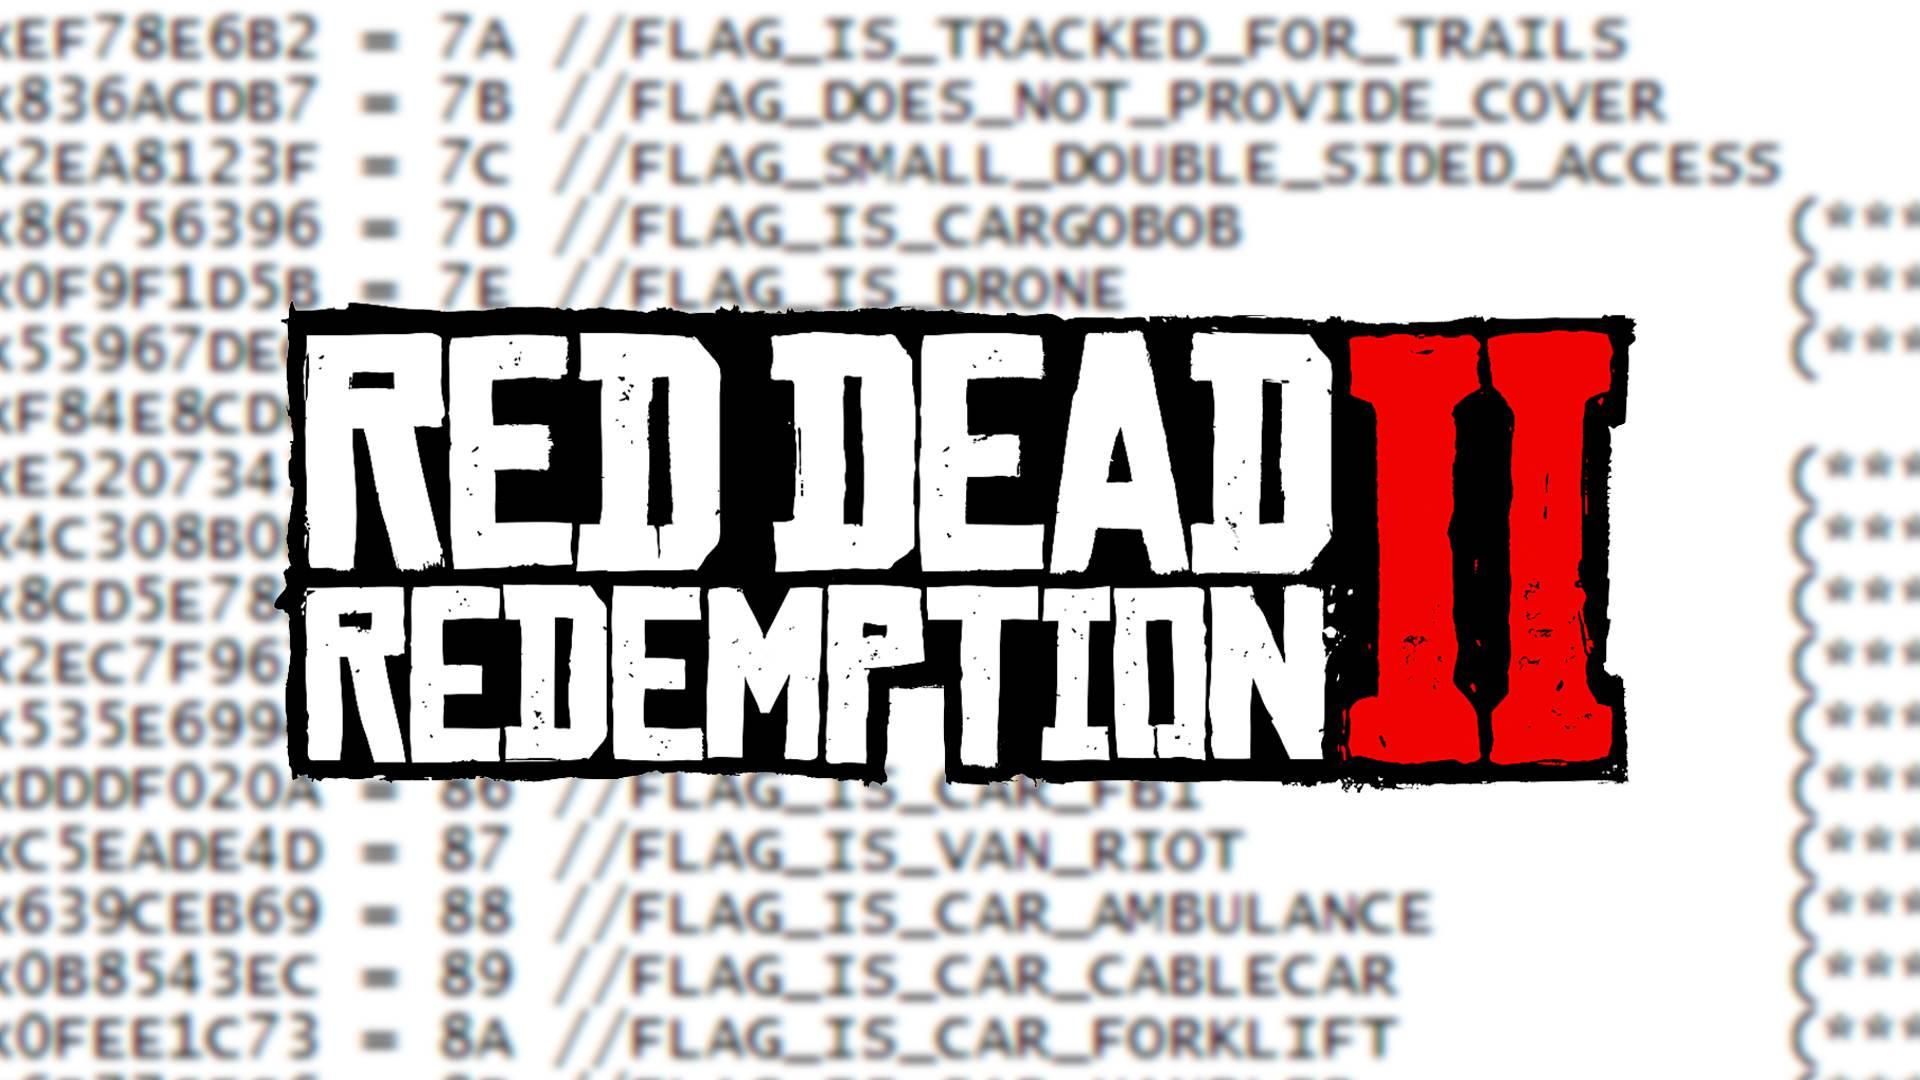 A lista de carros encontrada em Red Dead Redemption 2 não se encontra presente em GTA 5 o que fez a comunidade suspeitar que seriam de um possivel GTA 6.